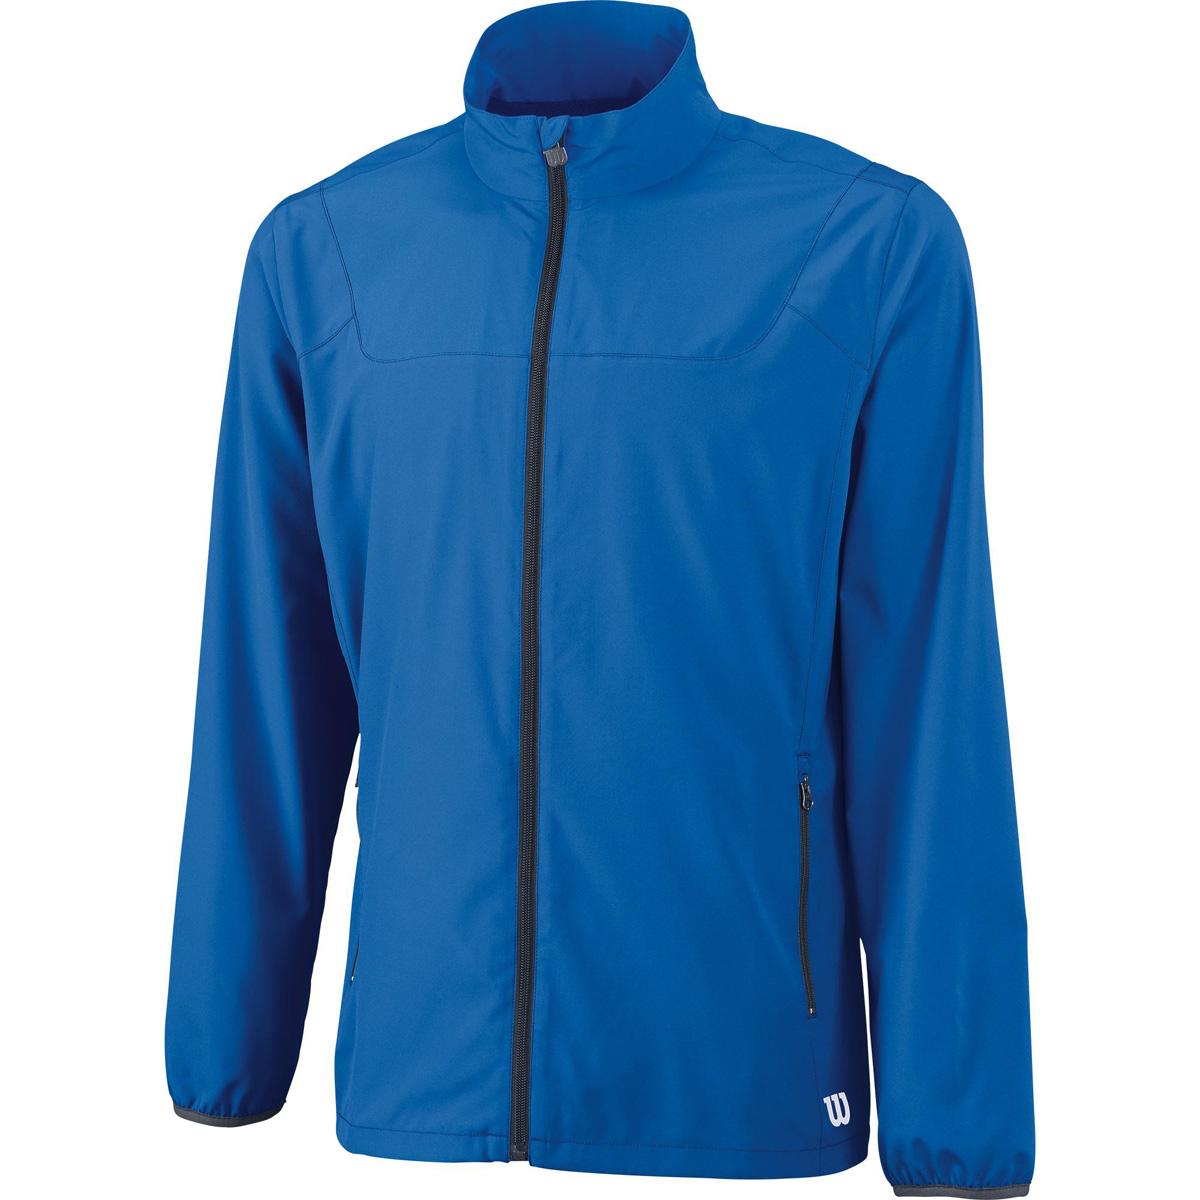 ВетровкаWRA725402Разминочная куртка свободного кроя на молнии по всей длине для игры в большой теннис. Благодаря технологии nanoWIK влага моментально отводится от тела, сохраняя сухость кожи. Эластичные манжеты, воротник-стойка и низ защищают от продувания. Предусмотрены боковые карманы на молниях для хранения небольших предметов.